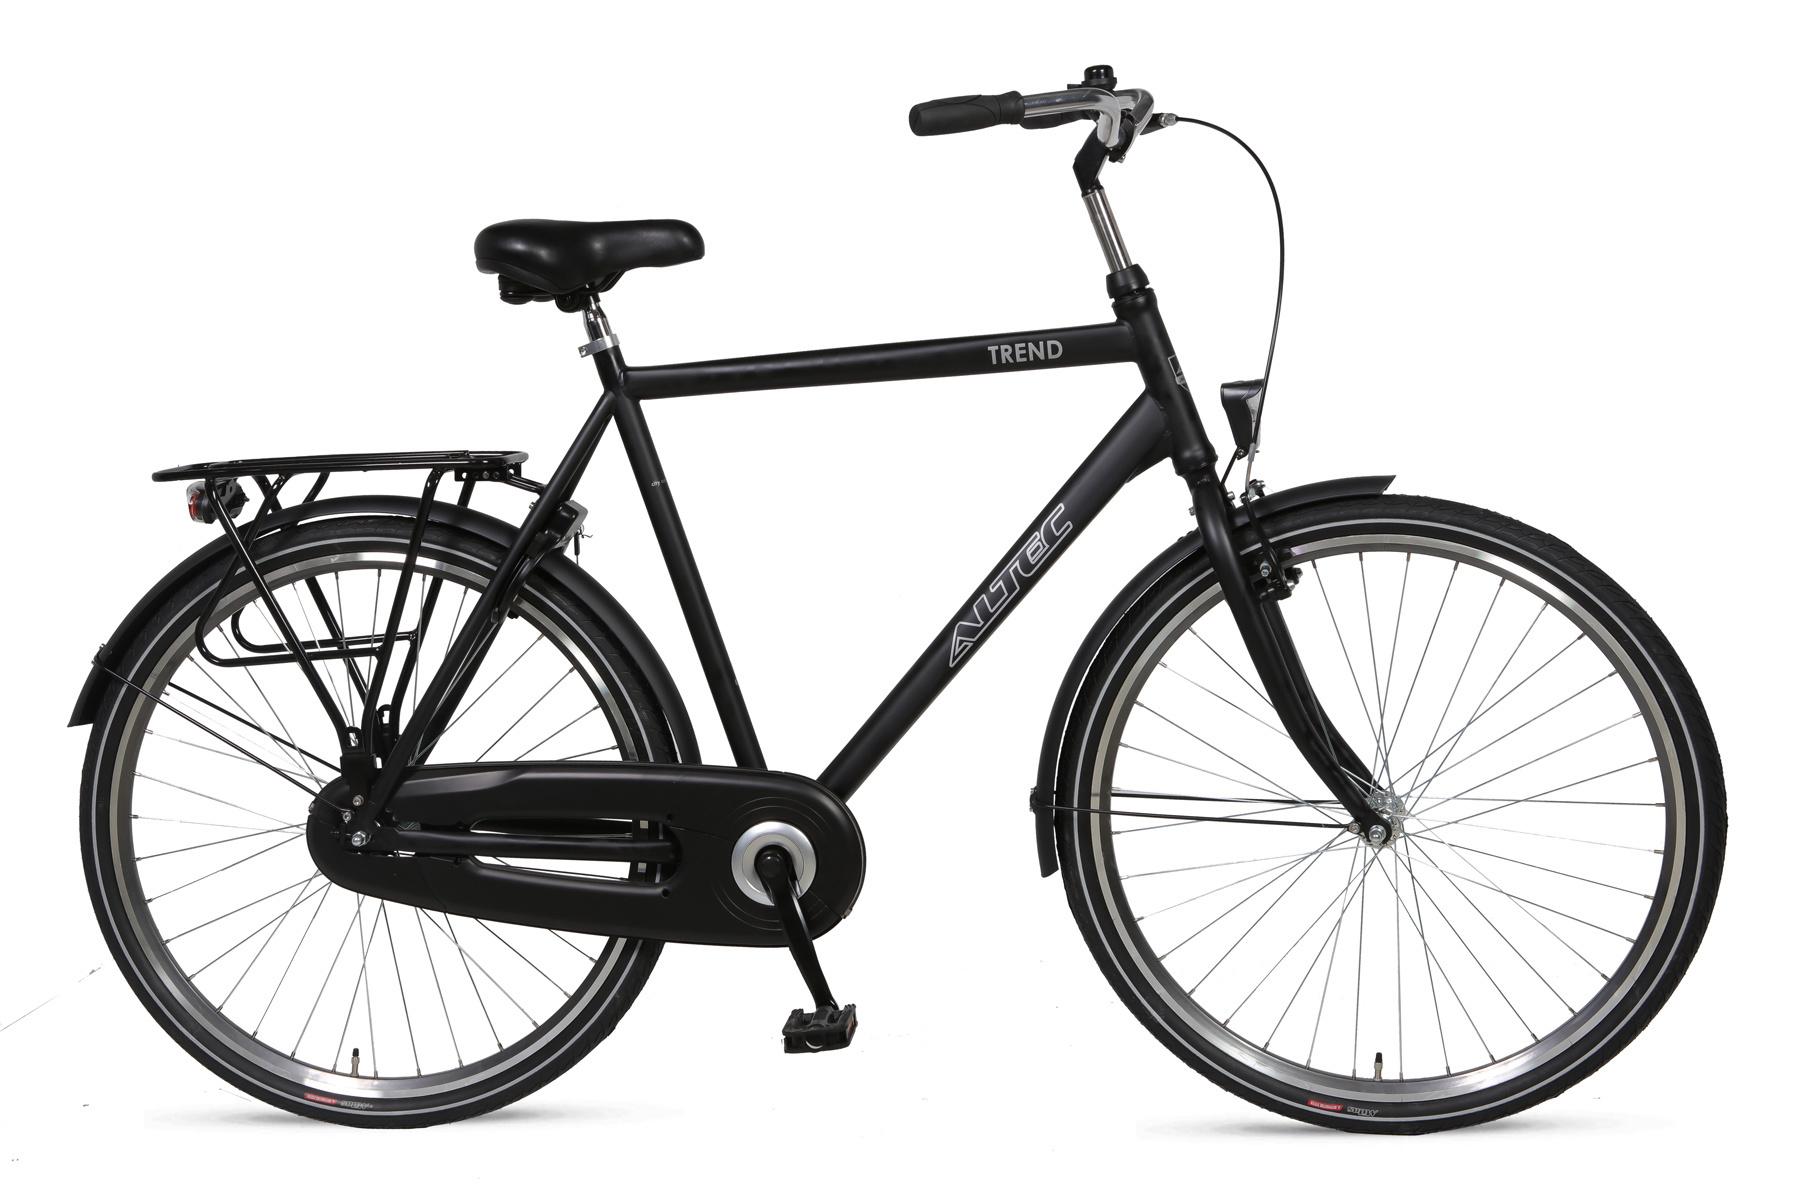 Altec Trend 28 inch Herenfiets 56cm Zwart